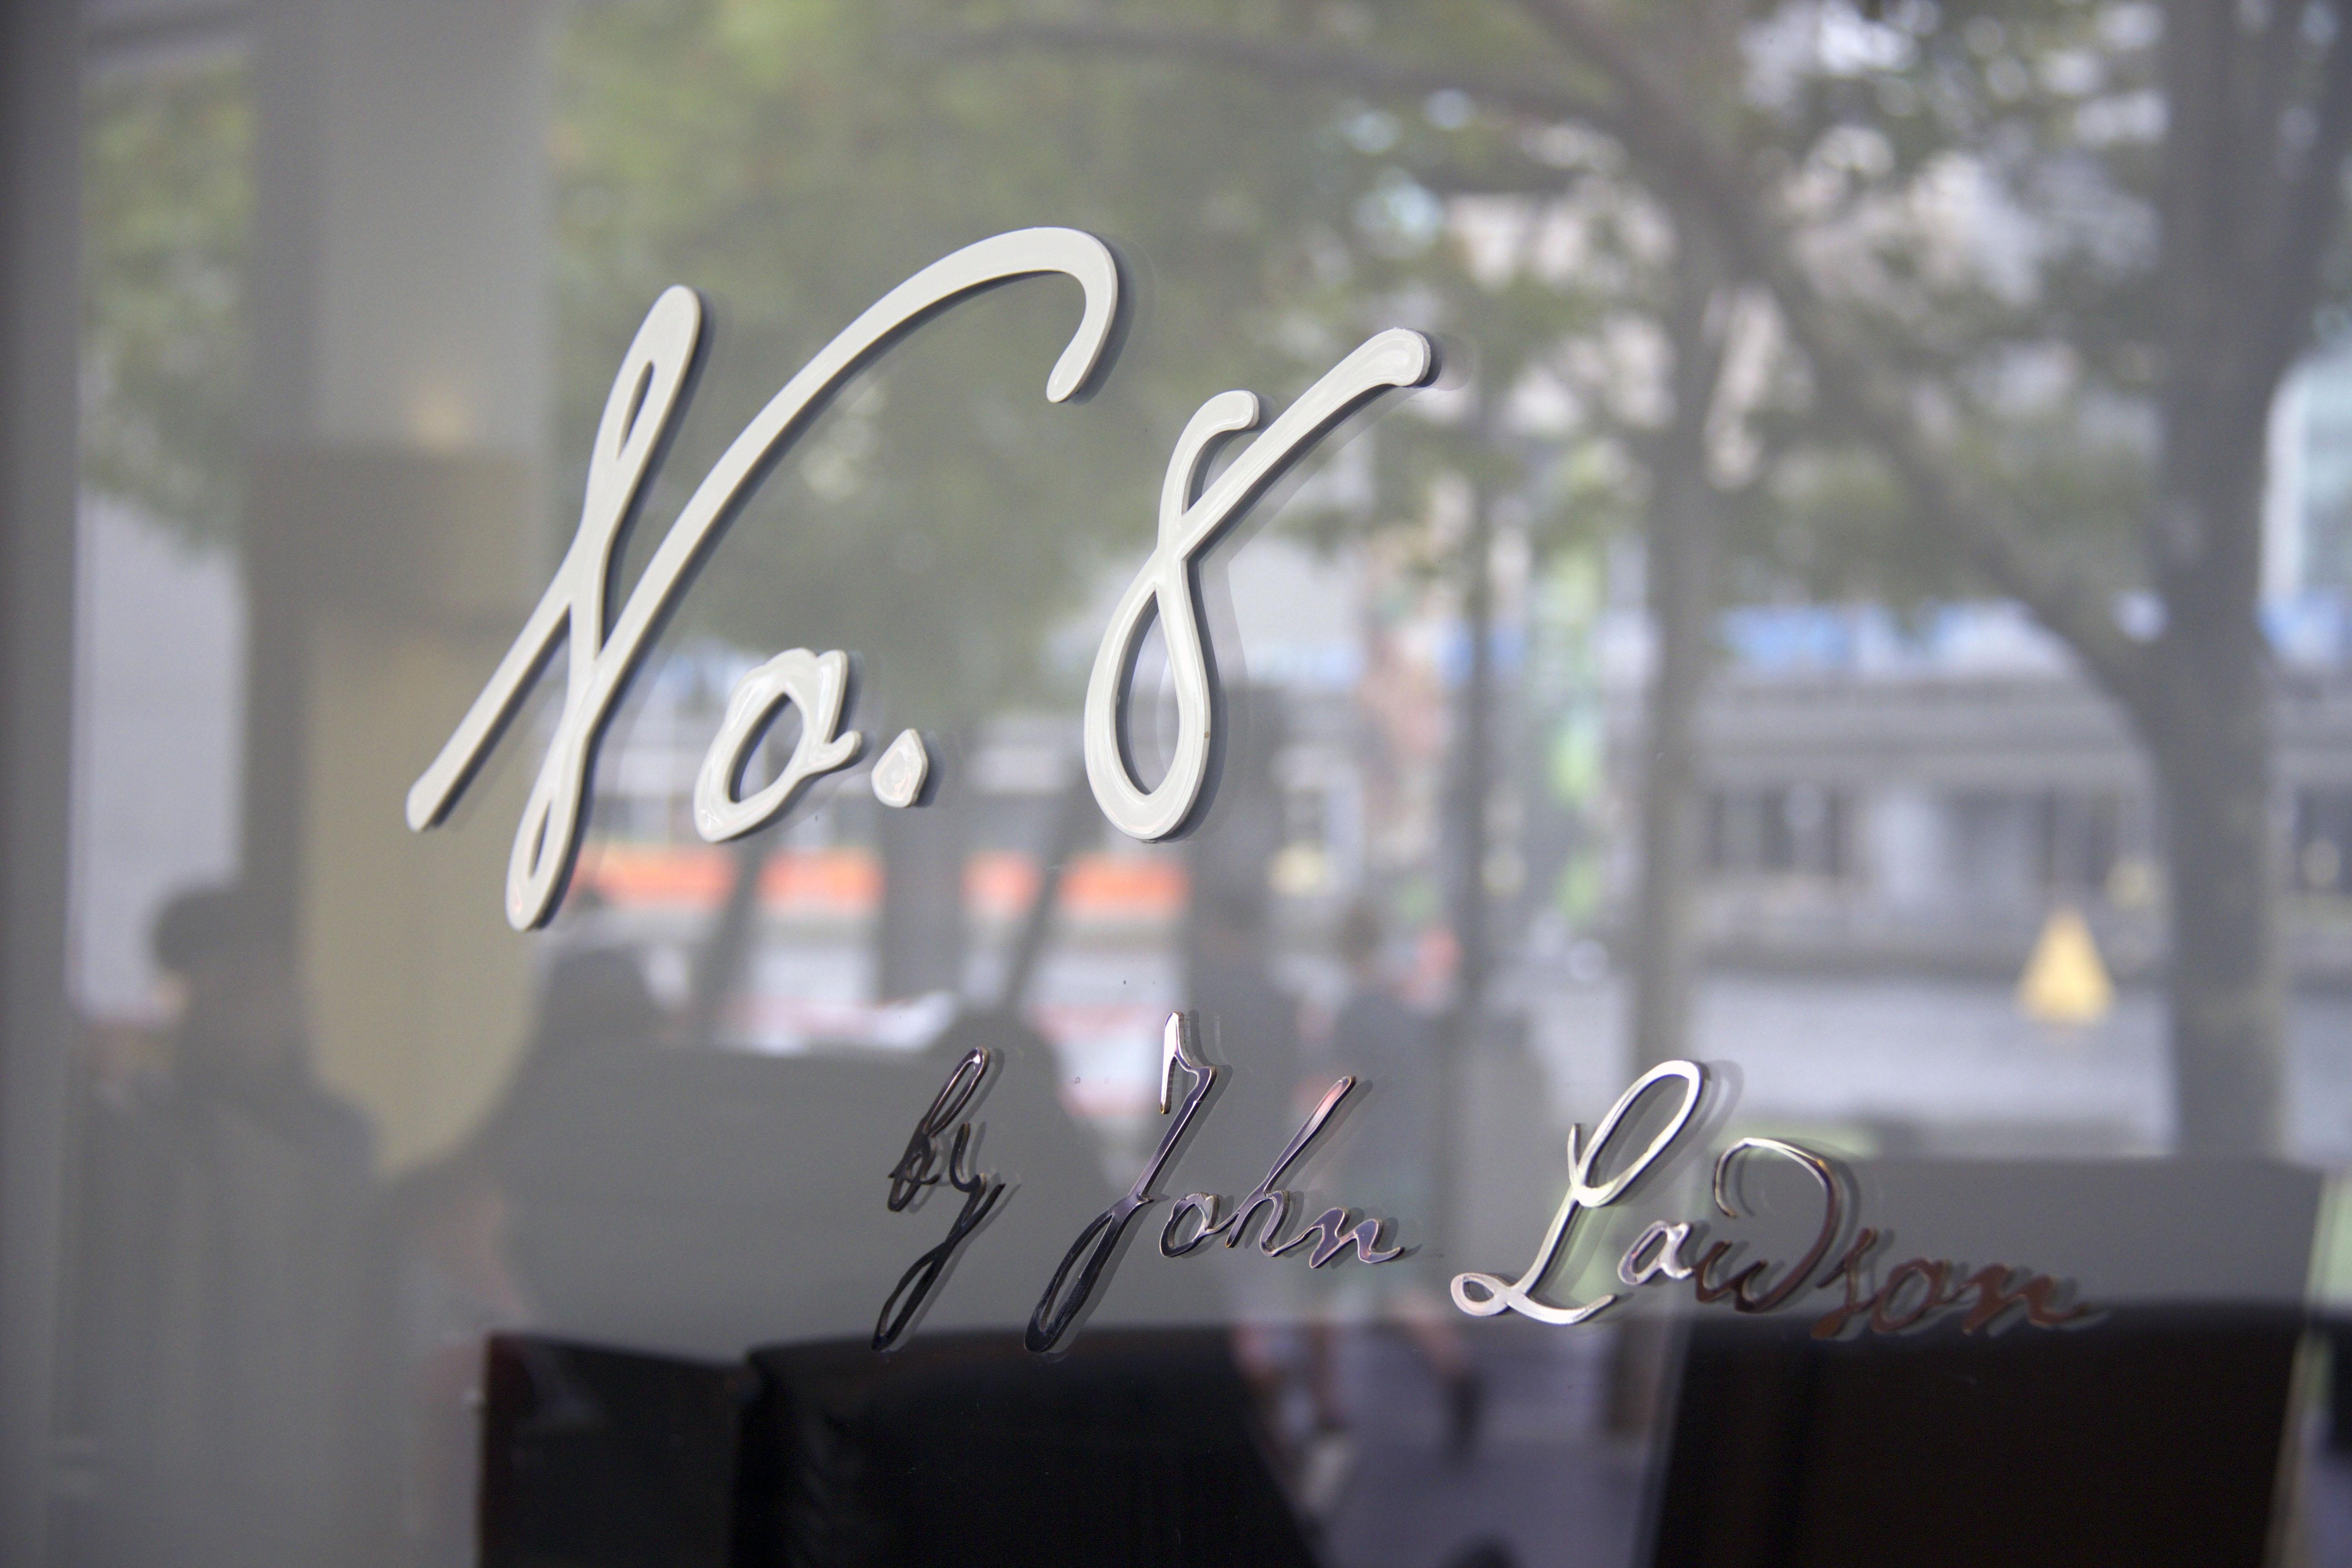 No 8 By John Lawson Reviews